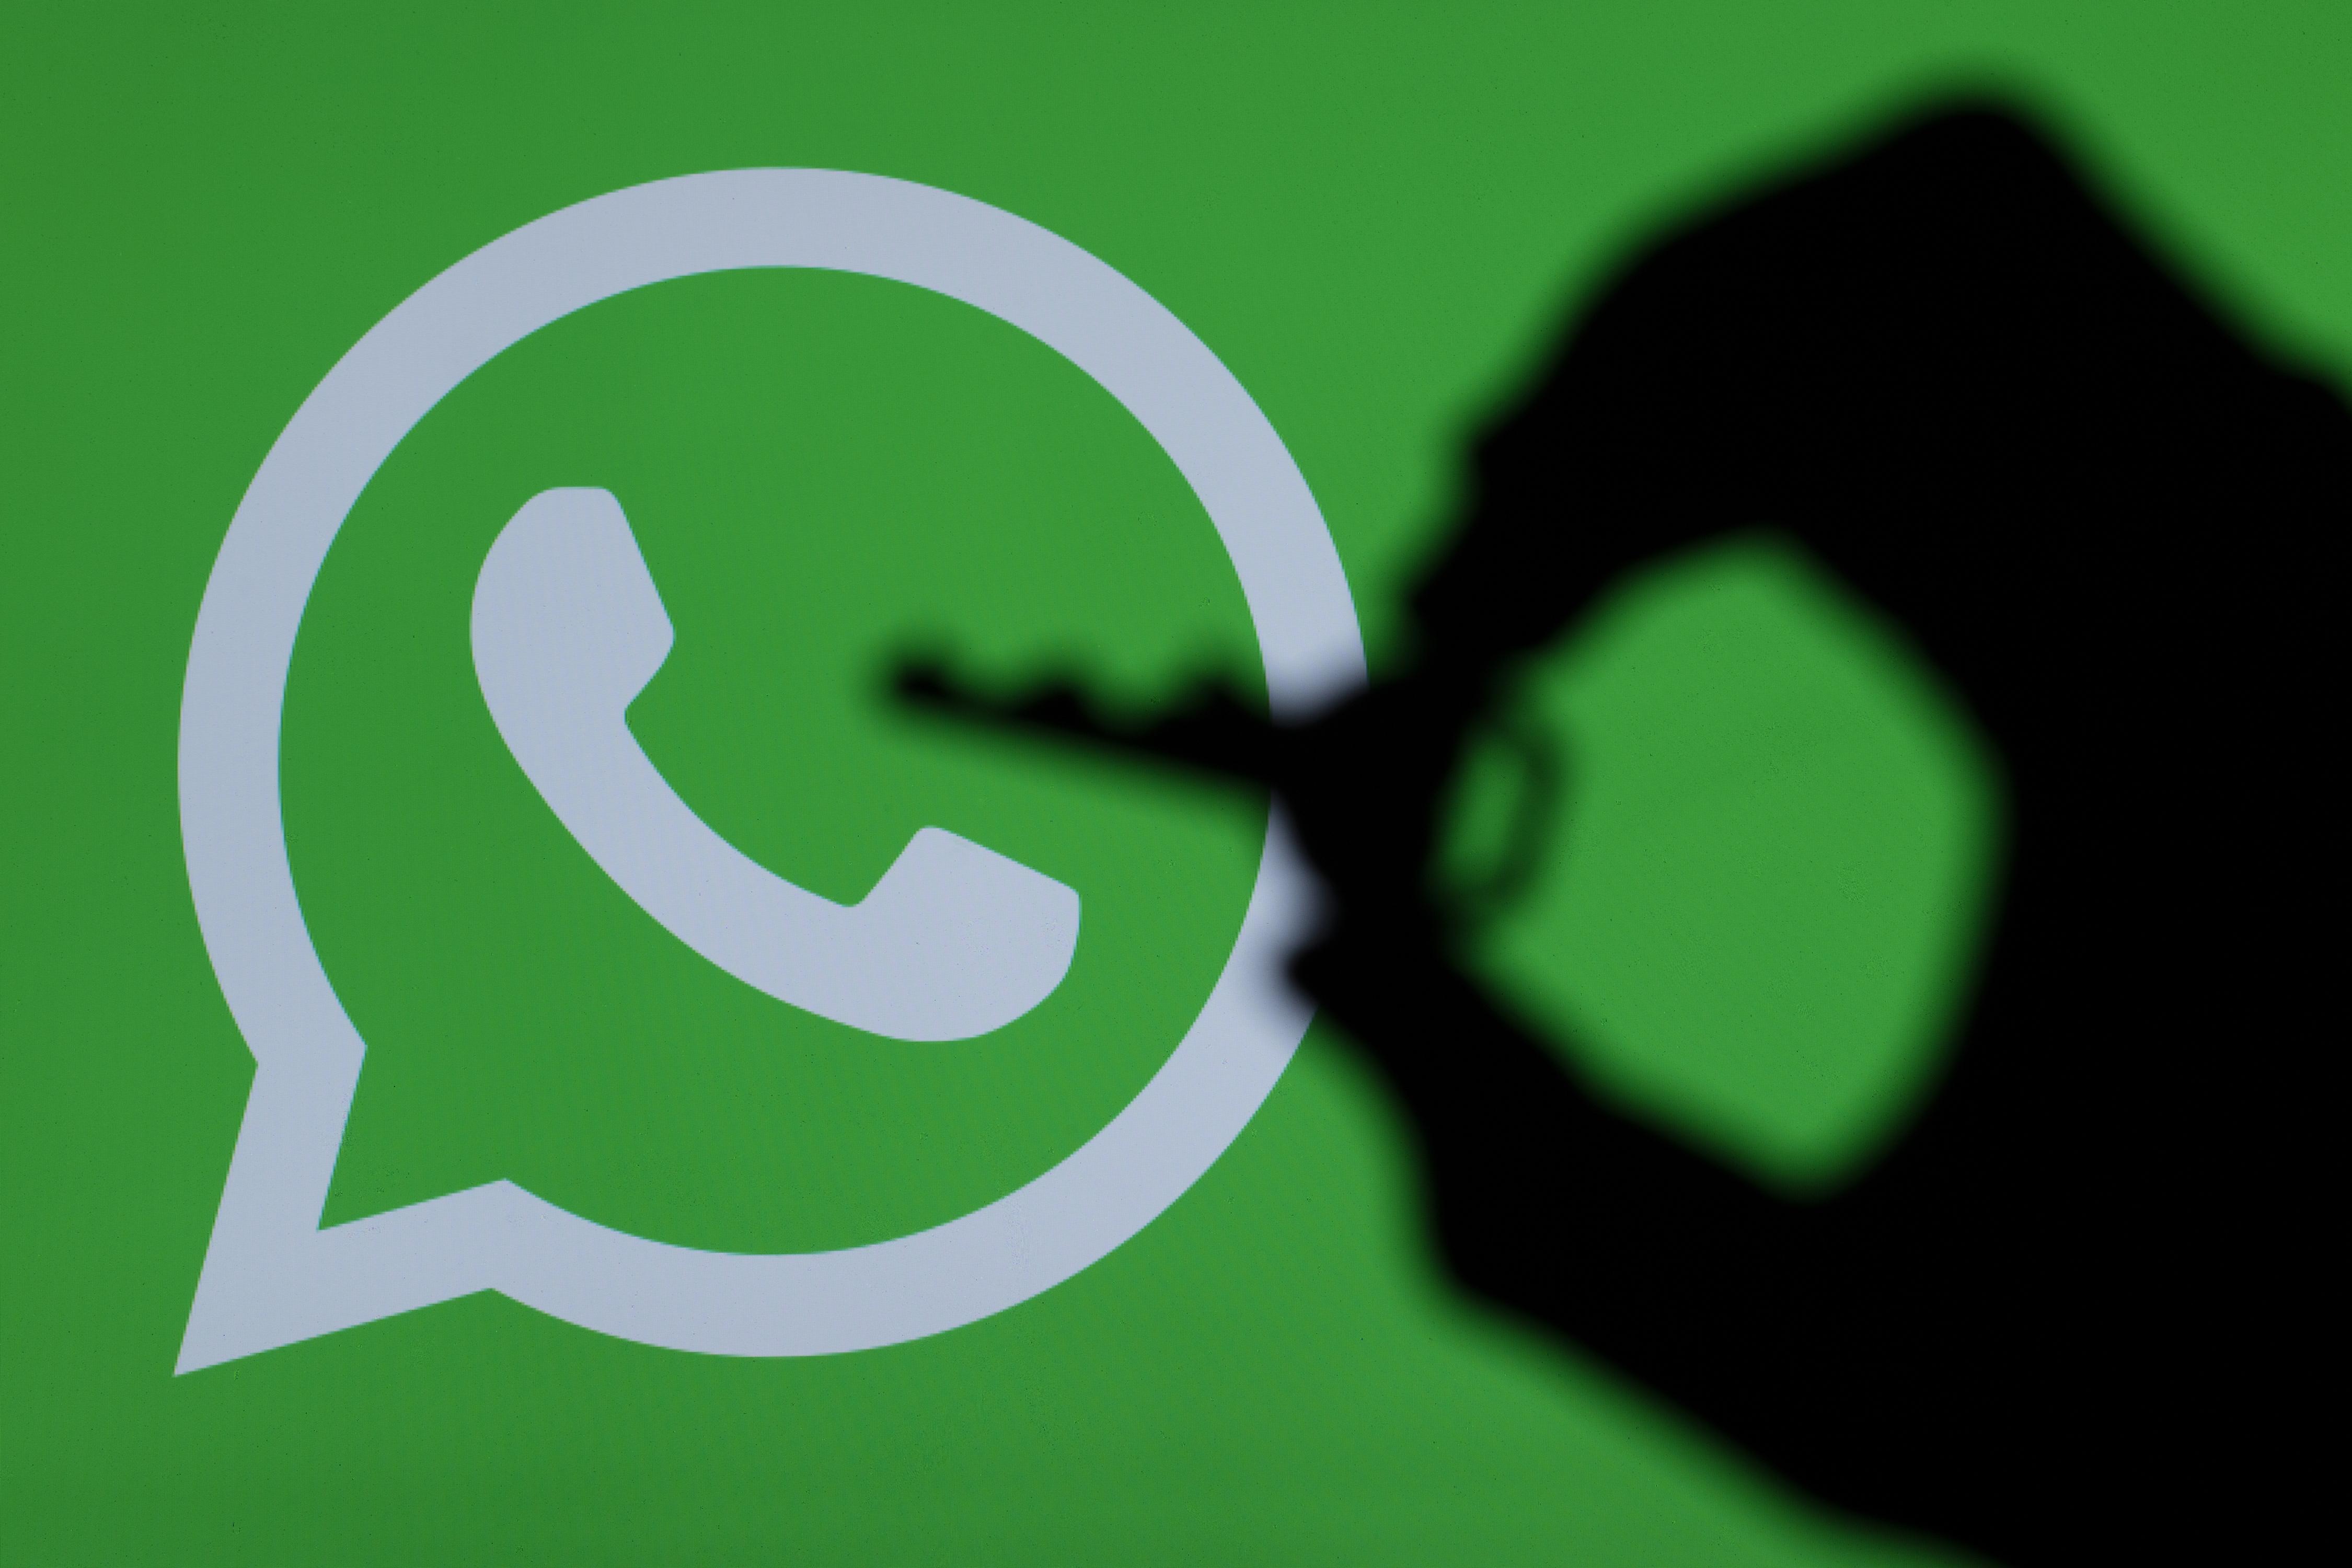 WhatsApp на ладони: где и как можно обнаружить криминалистические артефакты?